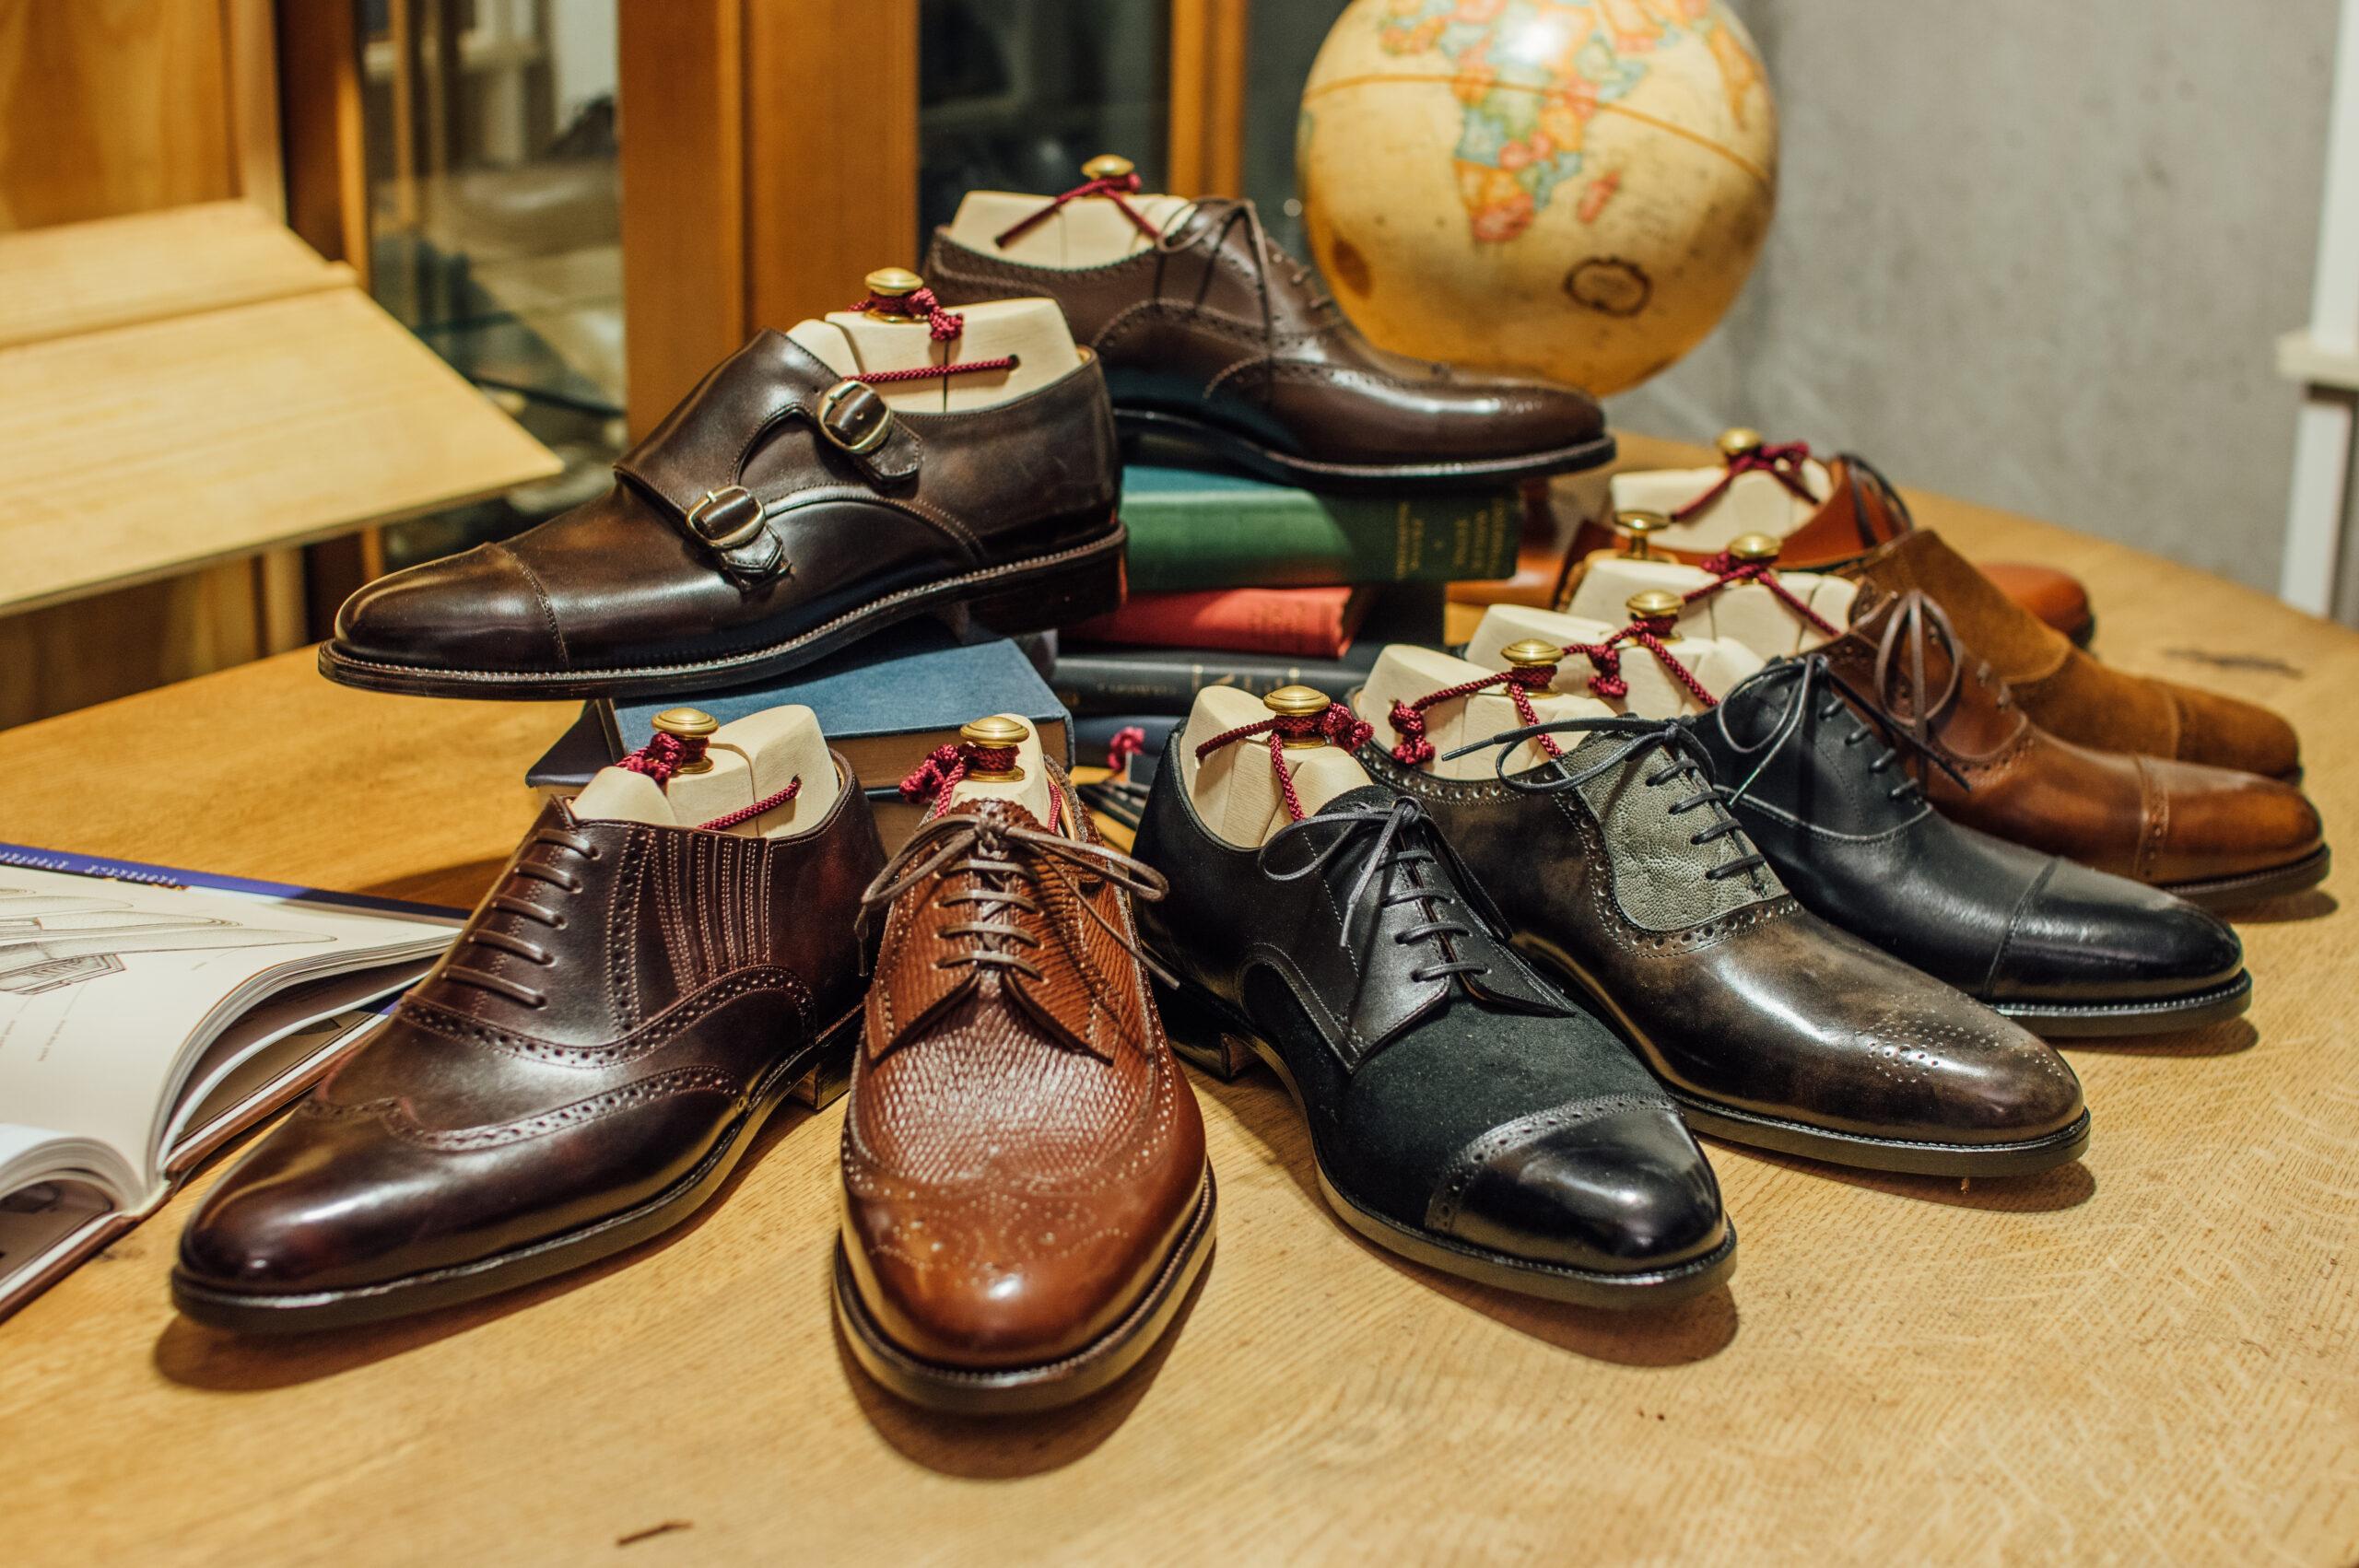 bespoke shoes  ビスポークシューズ